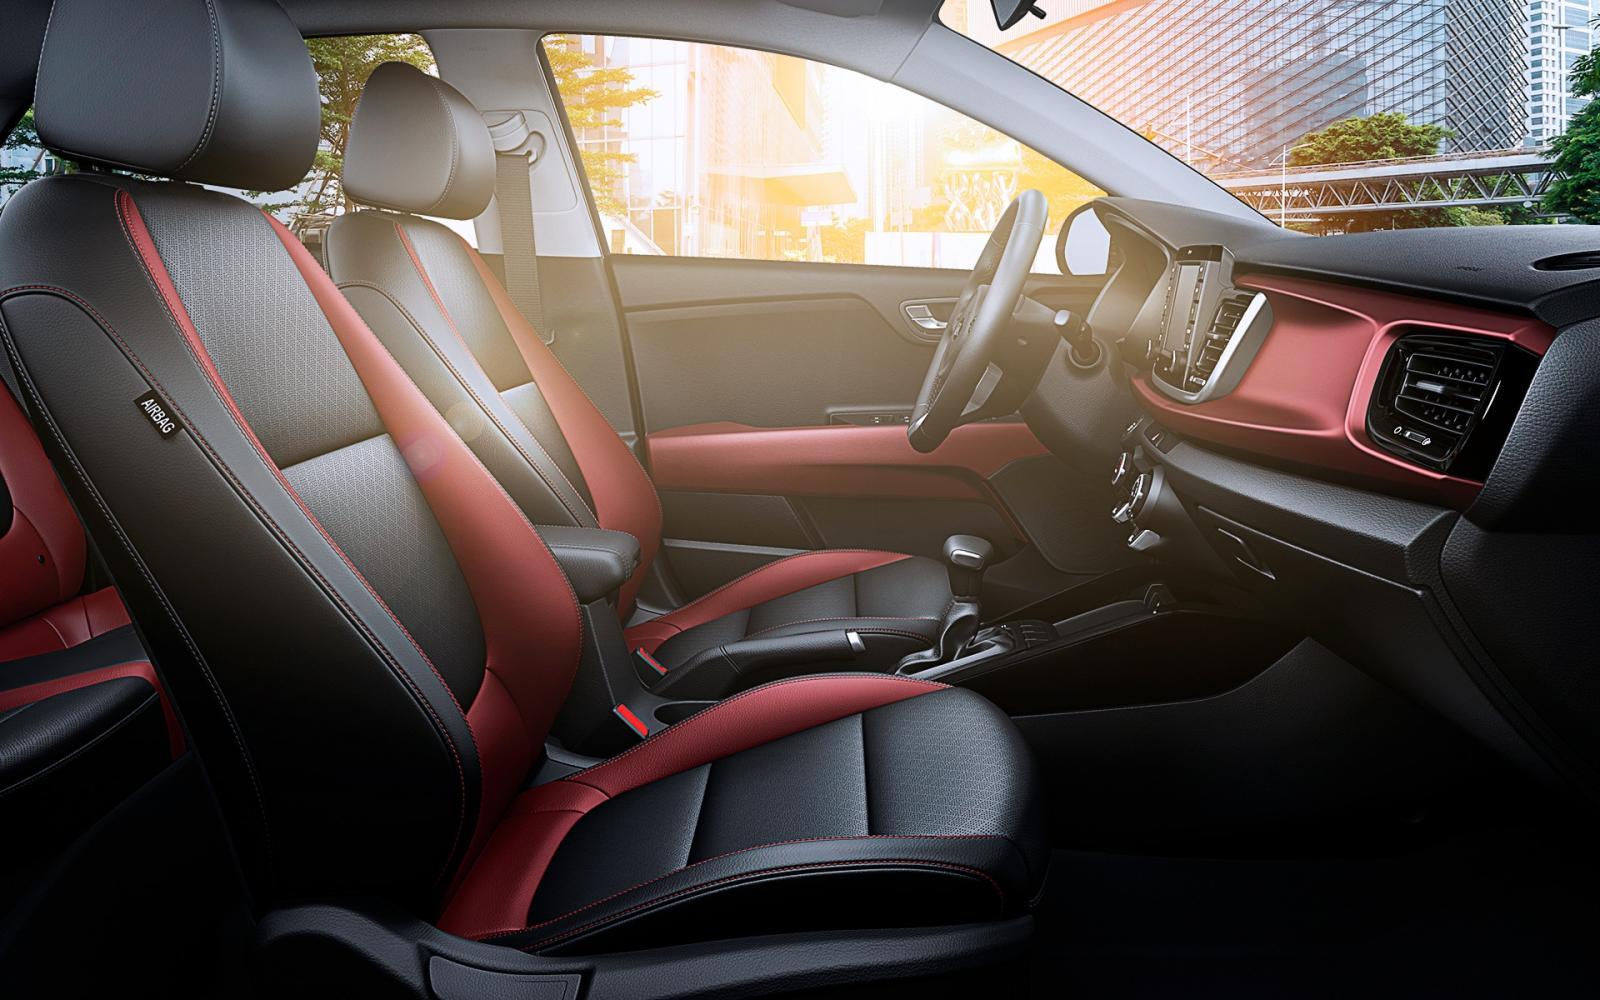 El interior del Kia Rio 2020 precio en México es confortable para piloto y acompañantes